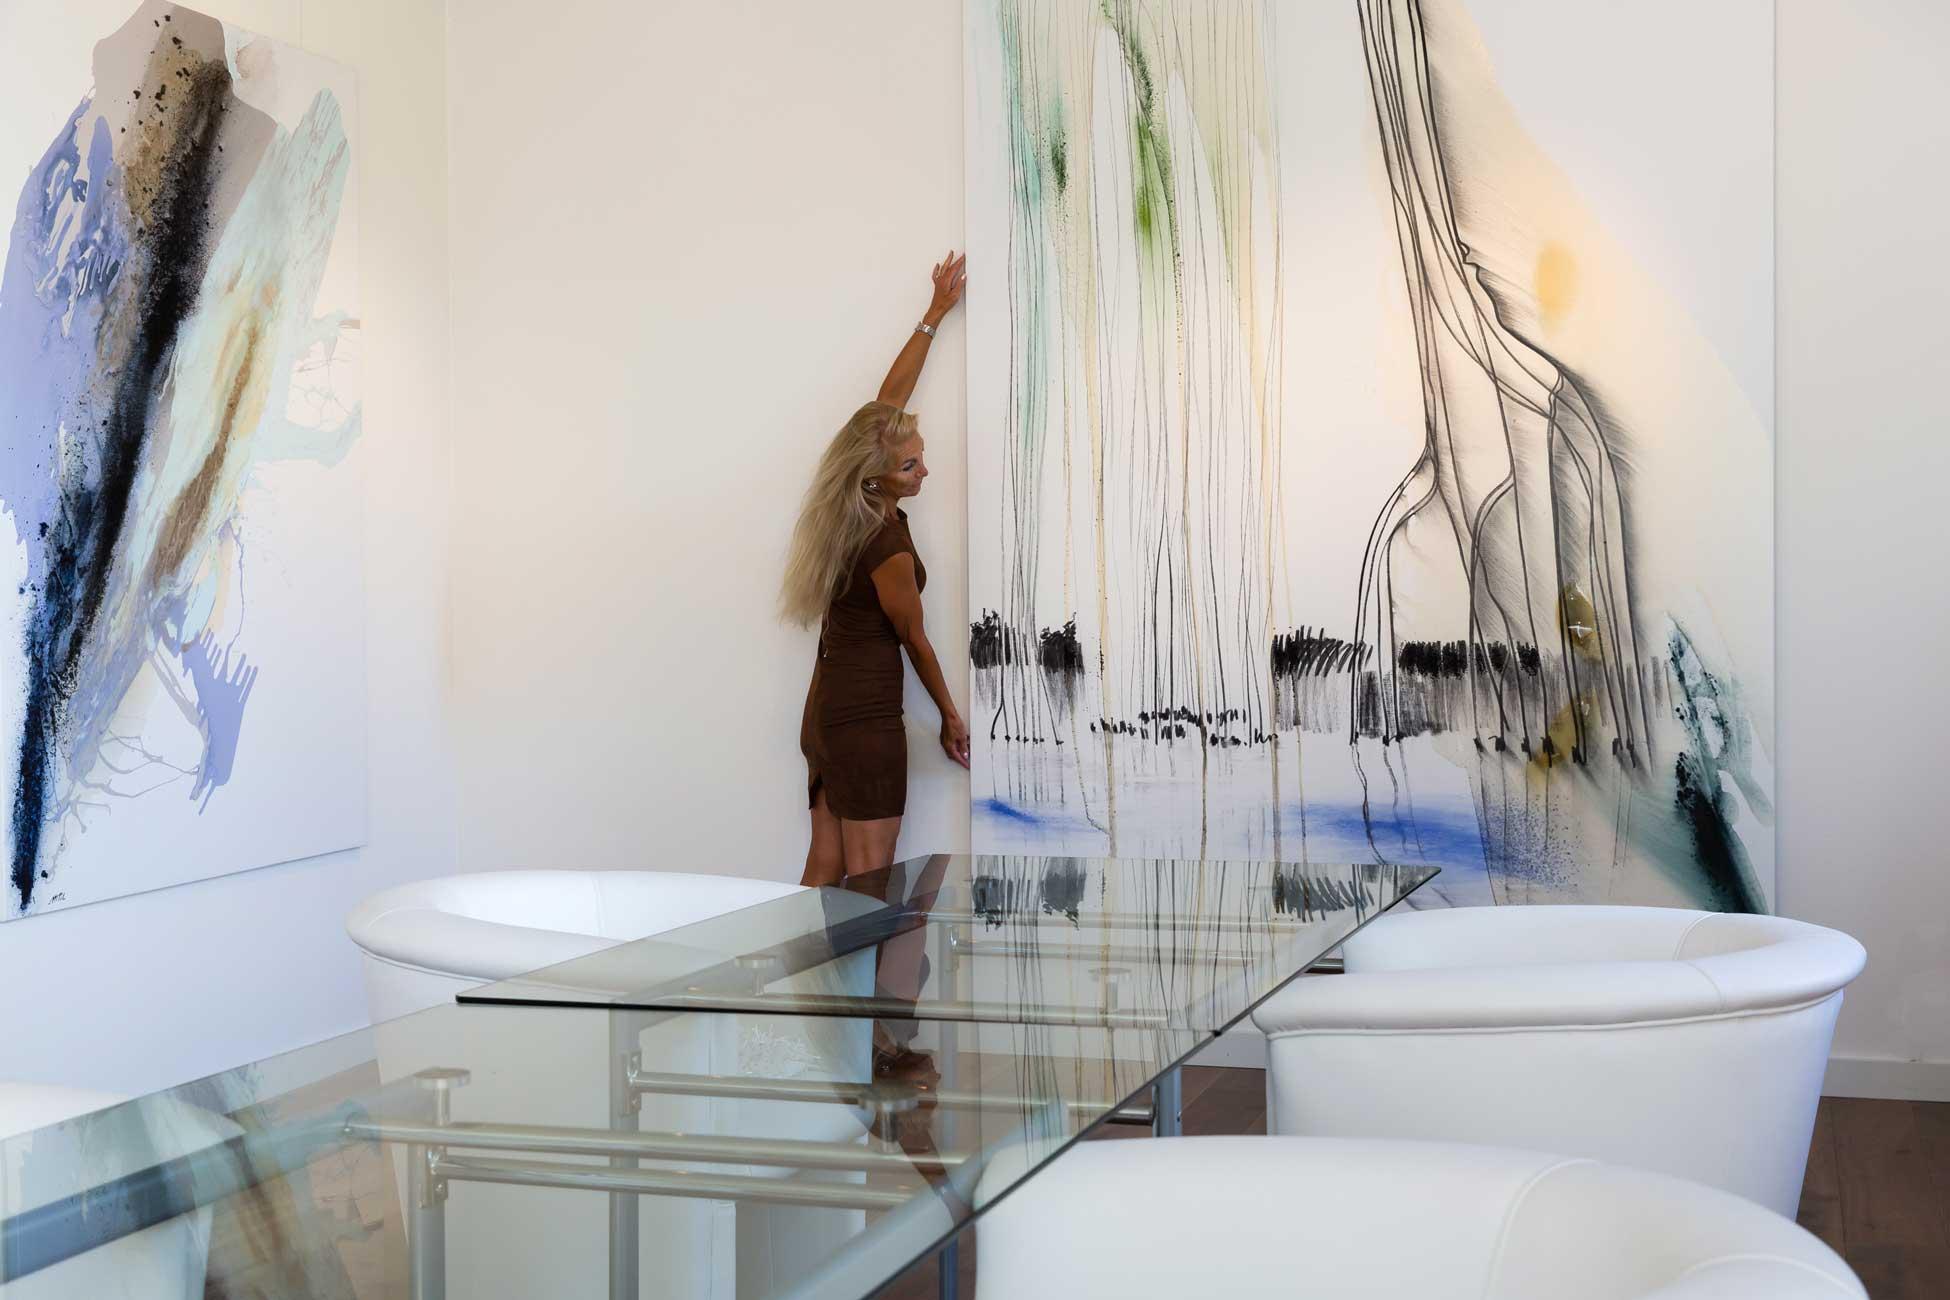 Mathilde Pil Kunstcentrum Weert